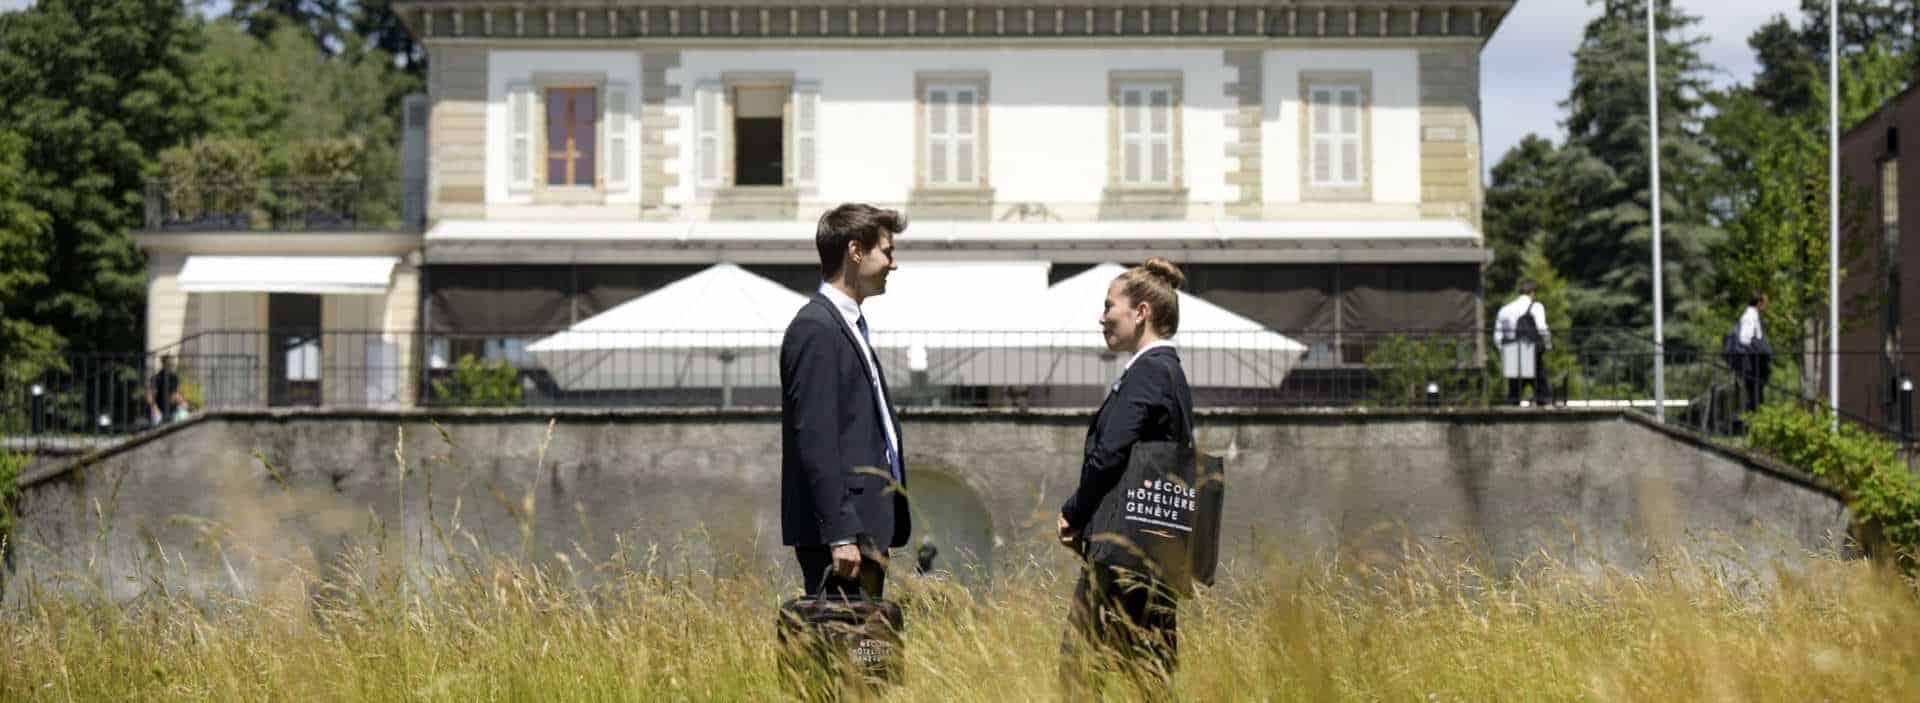 Date des Stages des éleves de l'école Hôtelière de Geneve en Suisse